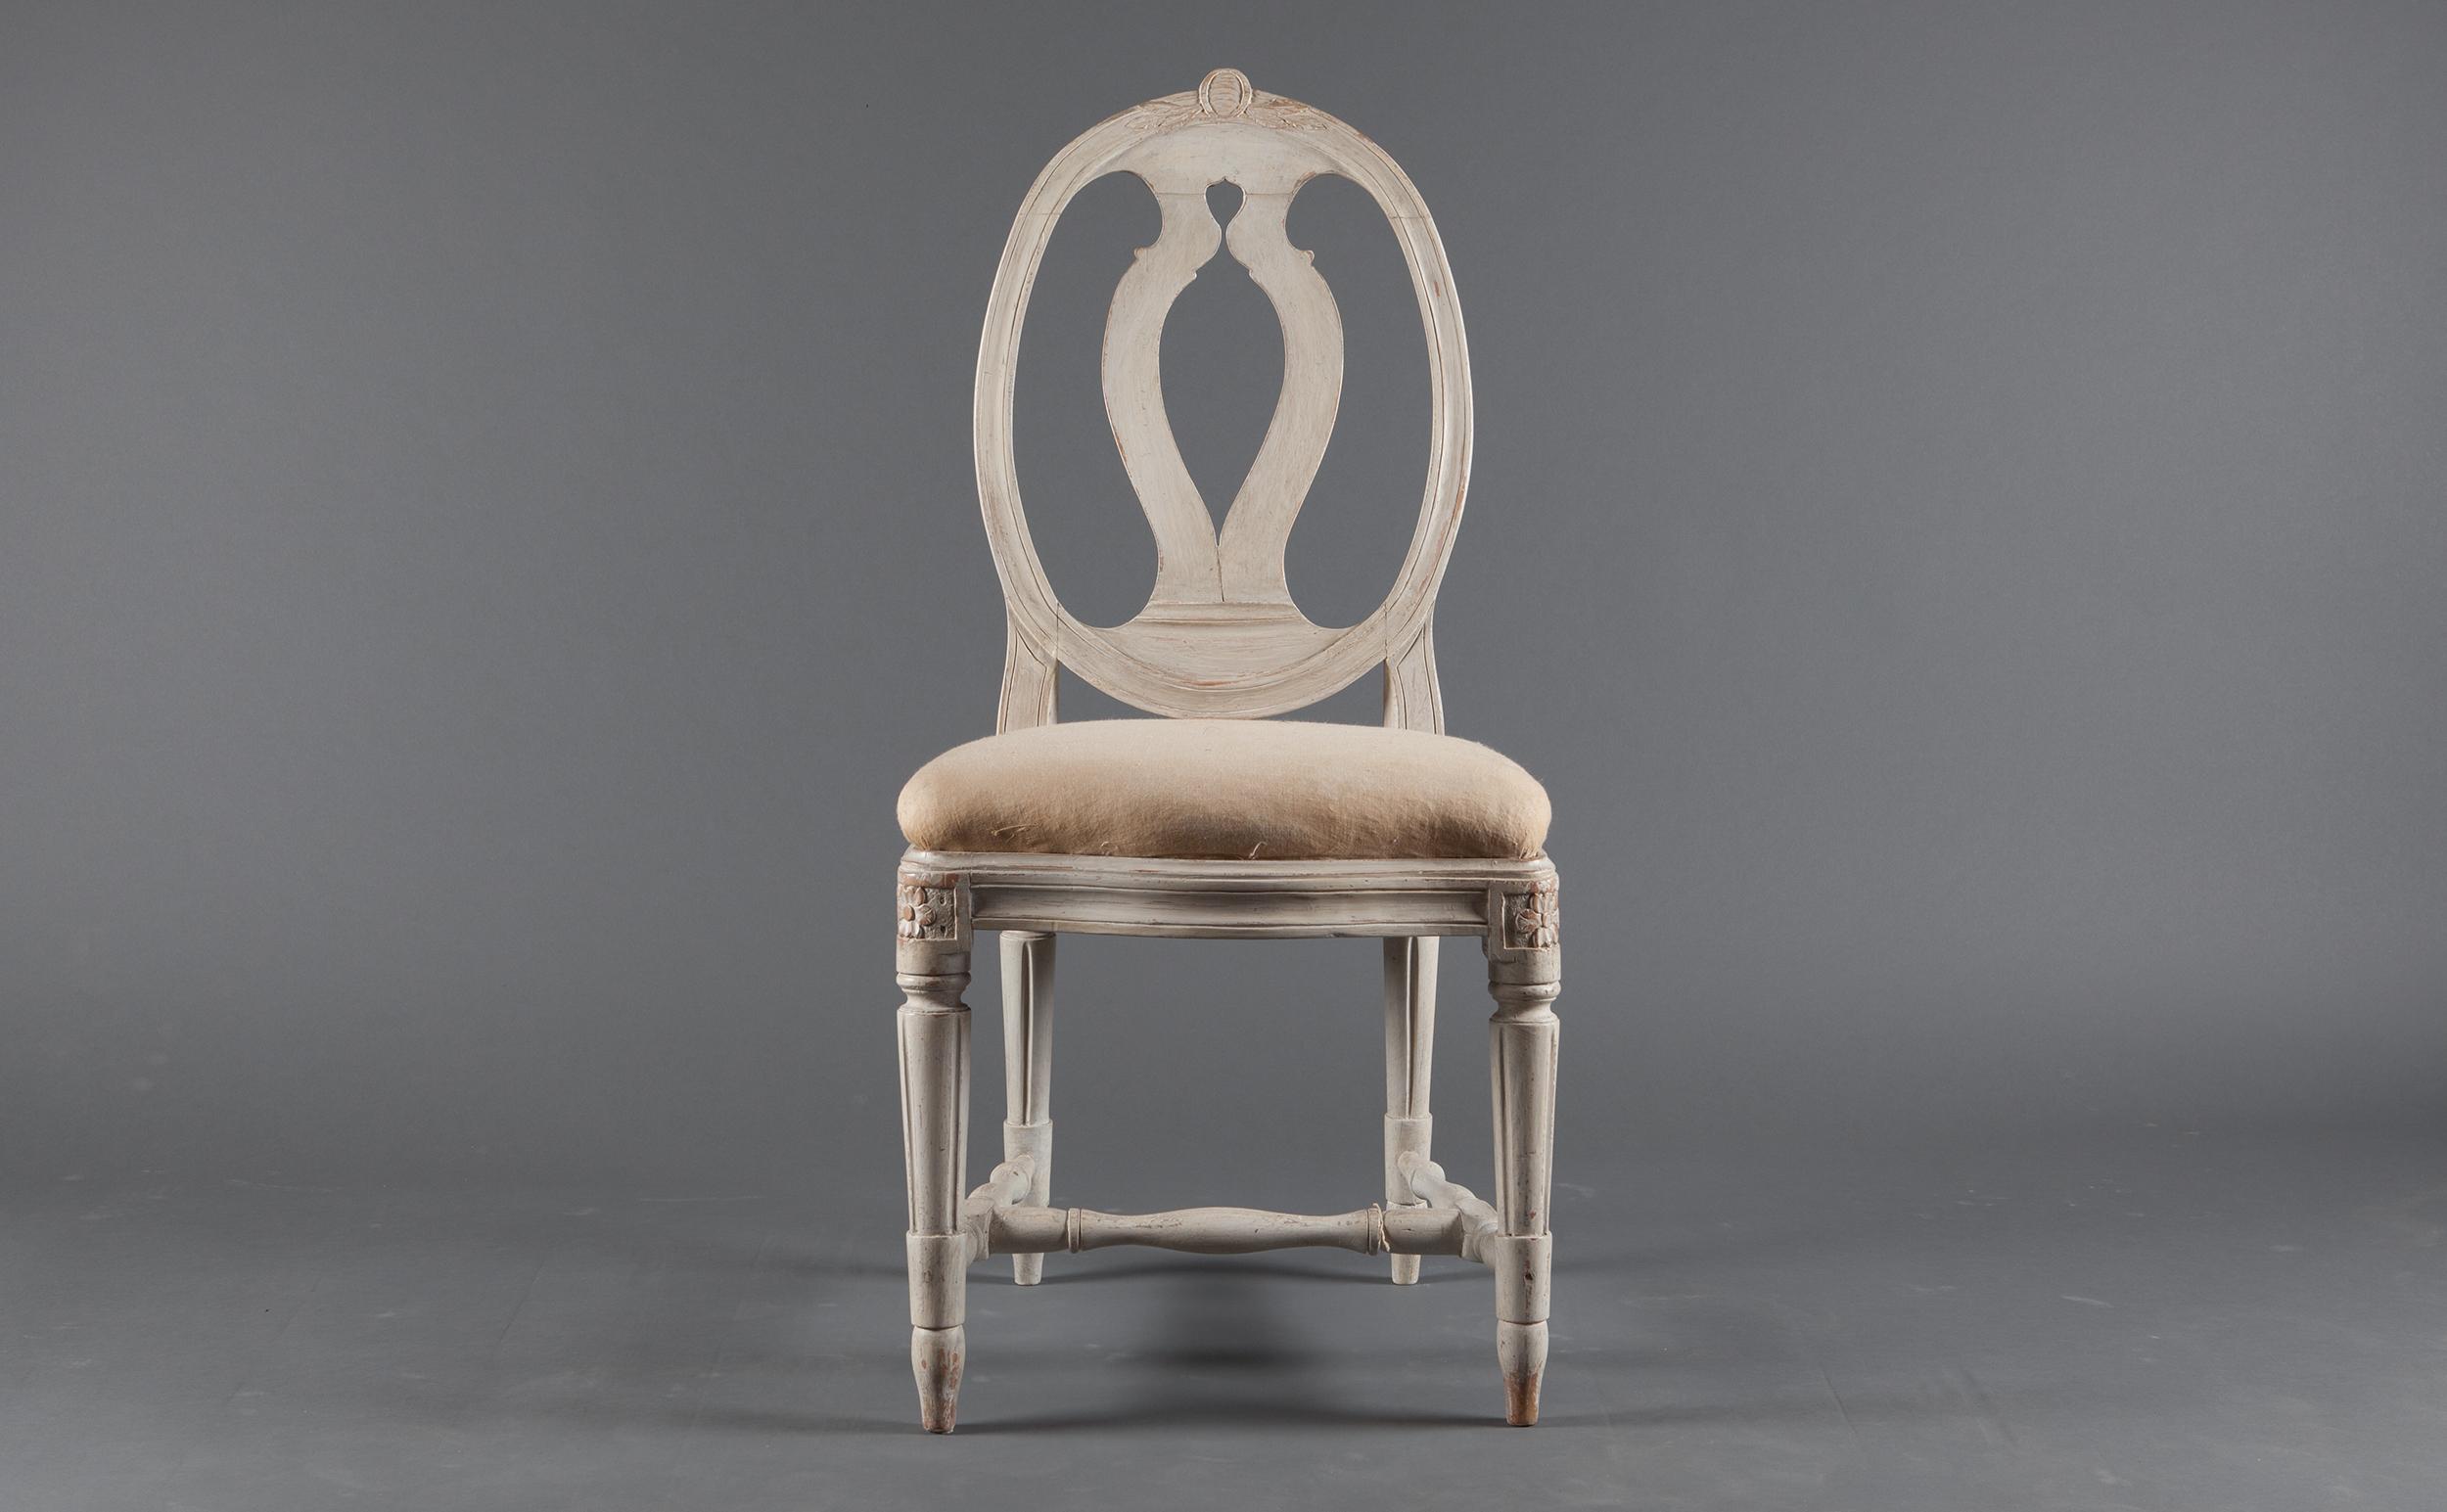 gustavianische sitzm bel aus dem fr hen 19 jahrnhundert. Black Bedroom Furniture Sets. Home Design Ideas